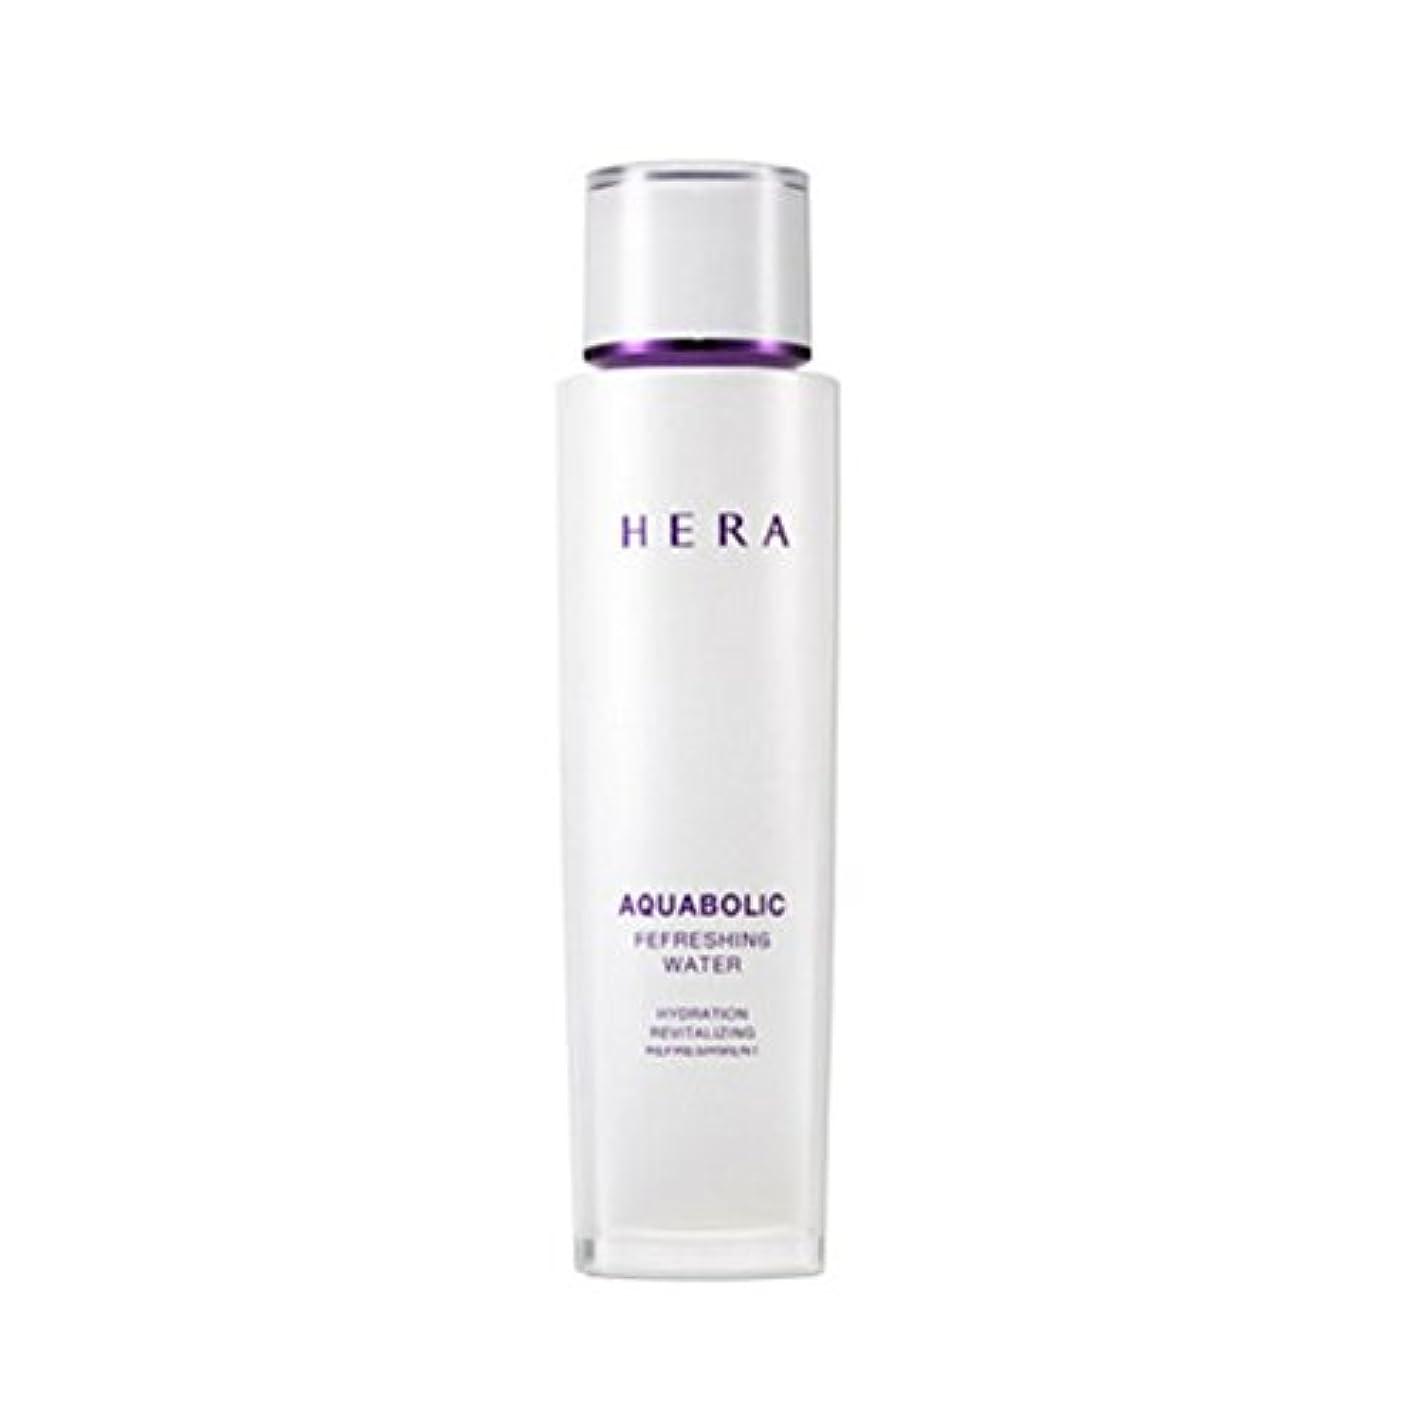 なめる閃光コール(ヘラ) HERA Aquabolic Refreshing Water アクアボリックリフレッシュウォーター (韓国直発送) oopspanda